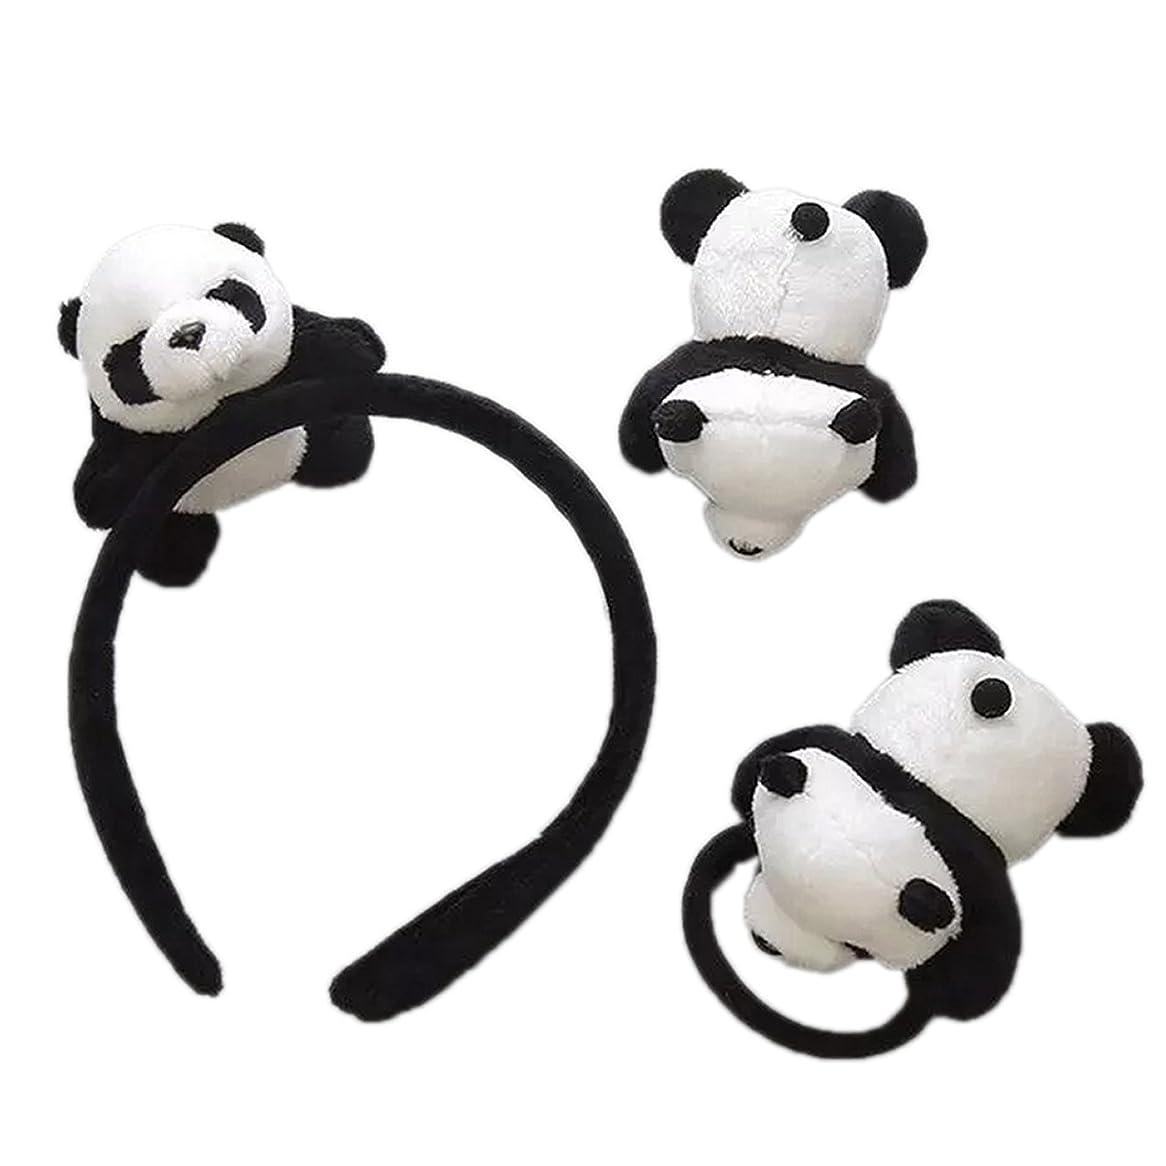 食物定期的お嬢skyflyings 髪飾り ヘアピン ヘアアクセサリー 可愛いパンダ 3個セット 子供用 大人用